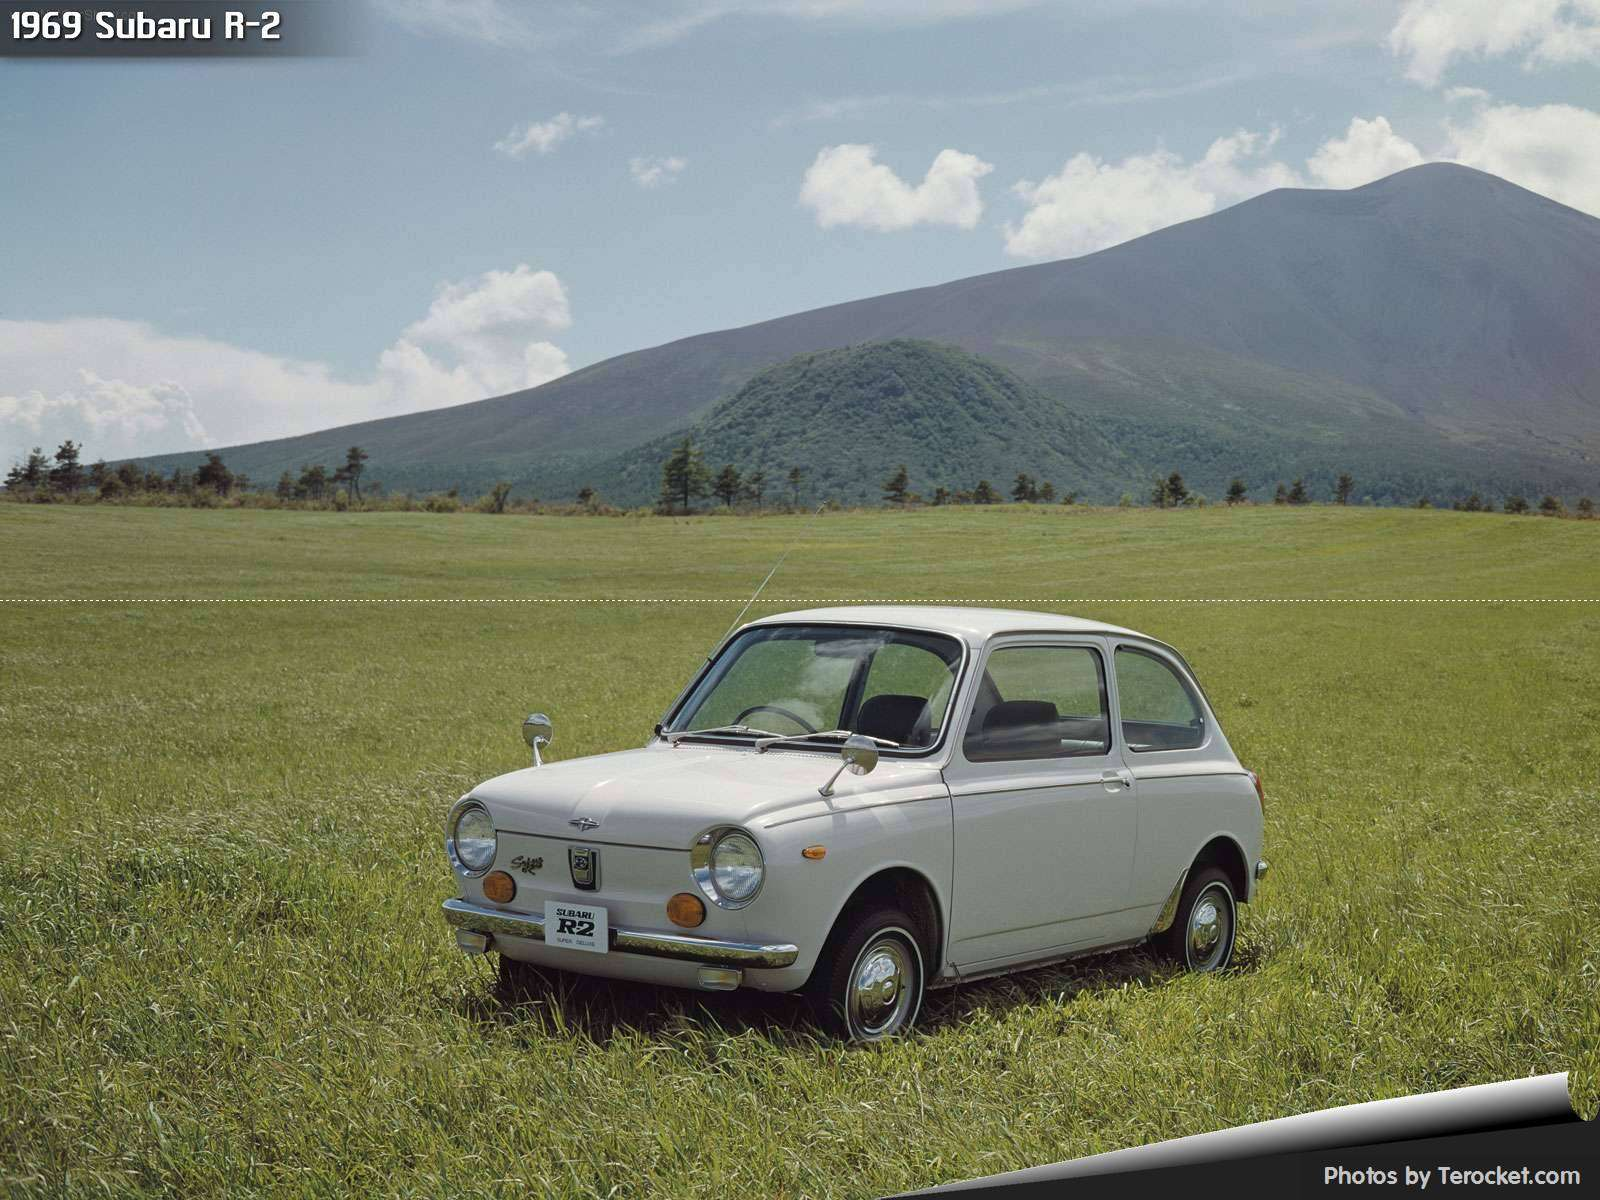 Hình ảnh xe ô tô Subaru R-2 1969 & nội ngoại thất